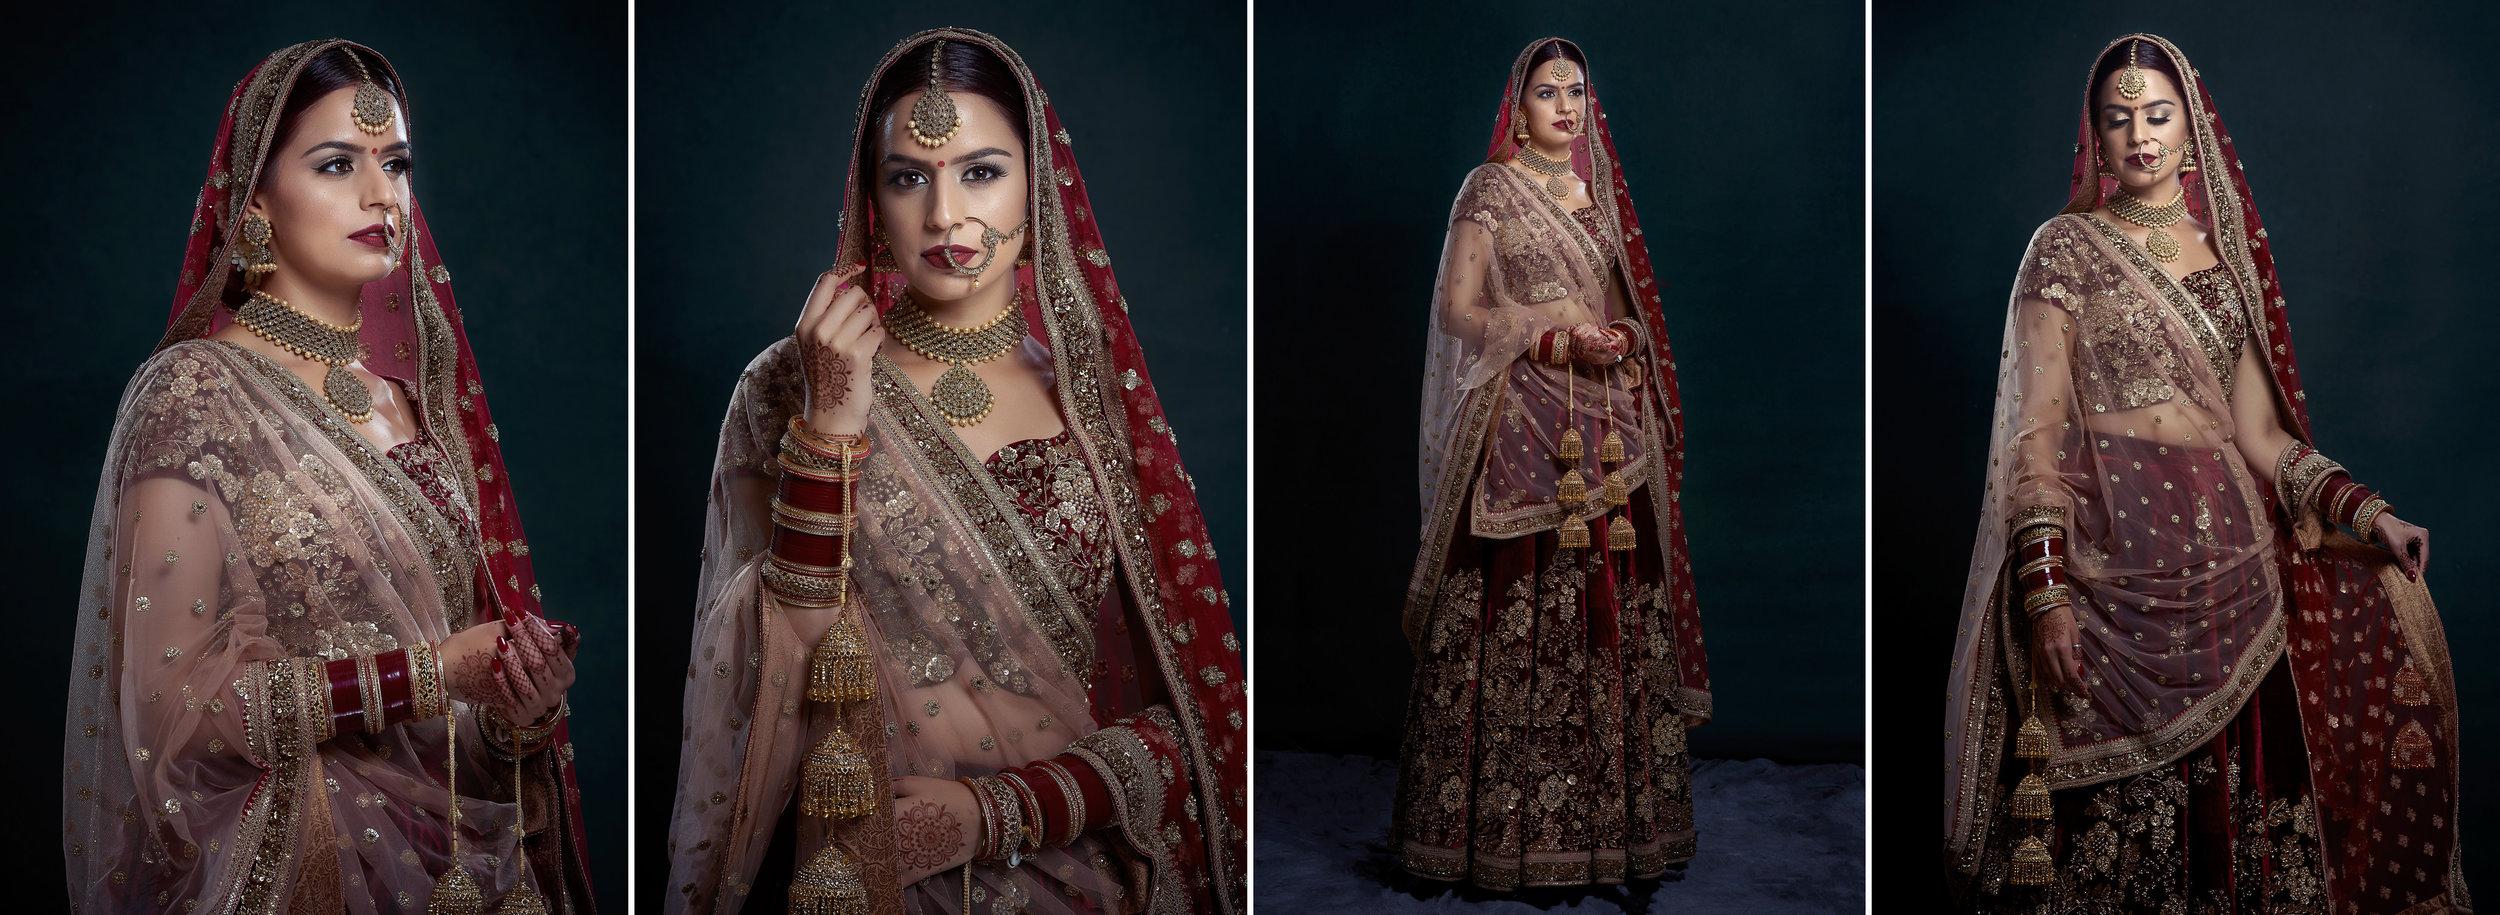 Sikh Wedding Album spread 12 - bridal portraits wearing Sabyasachi